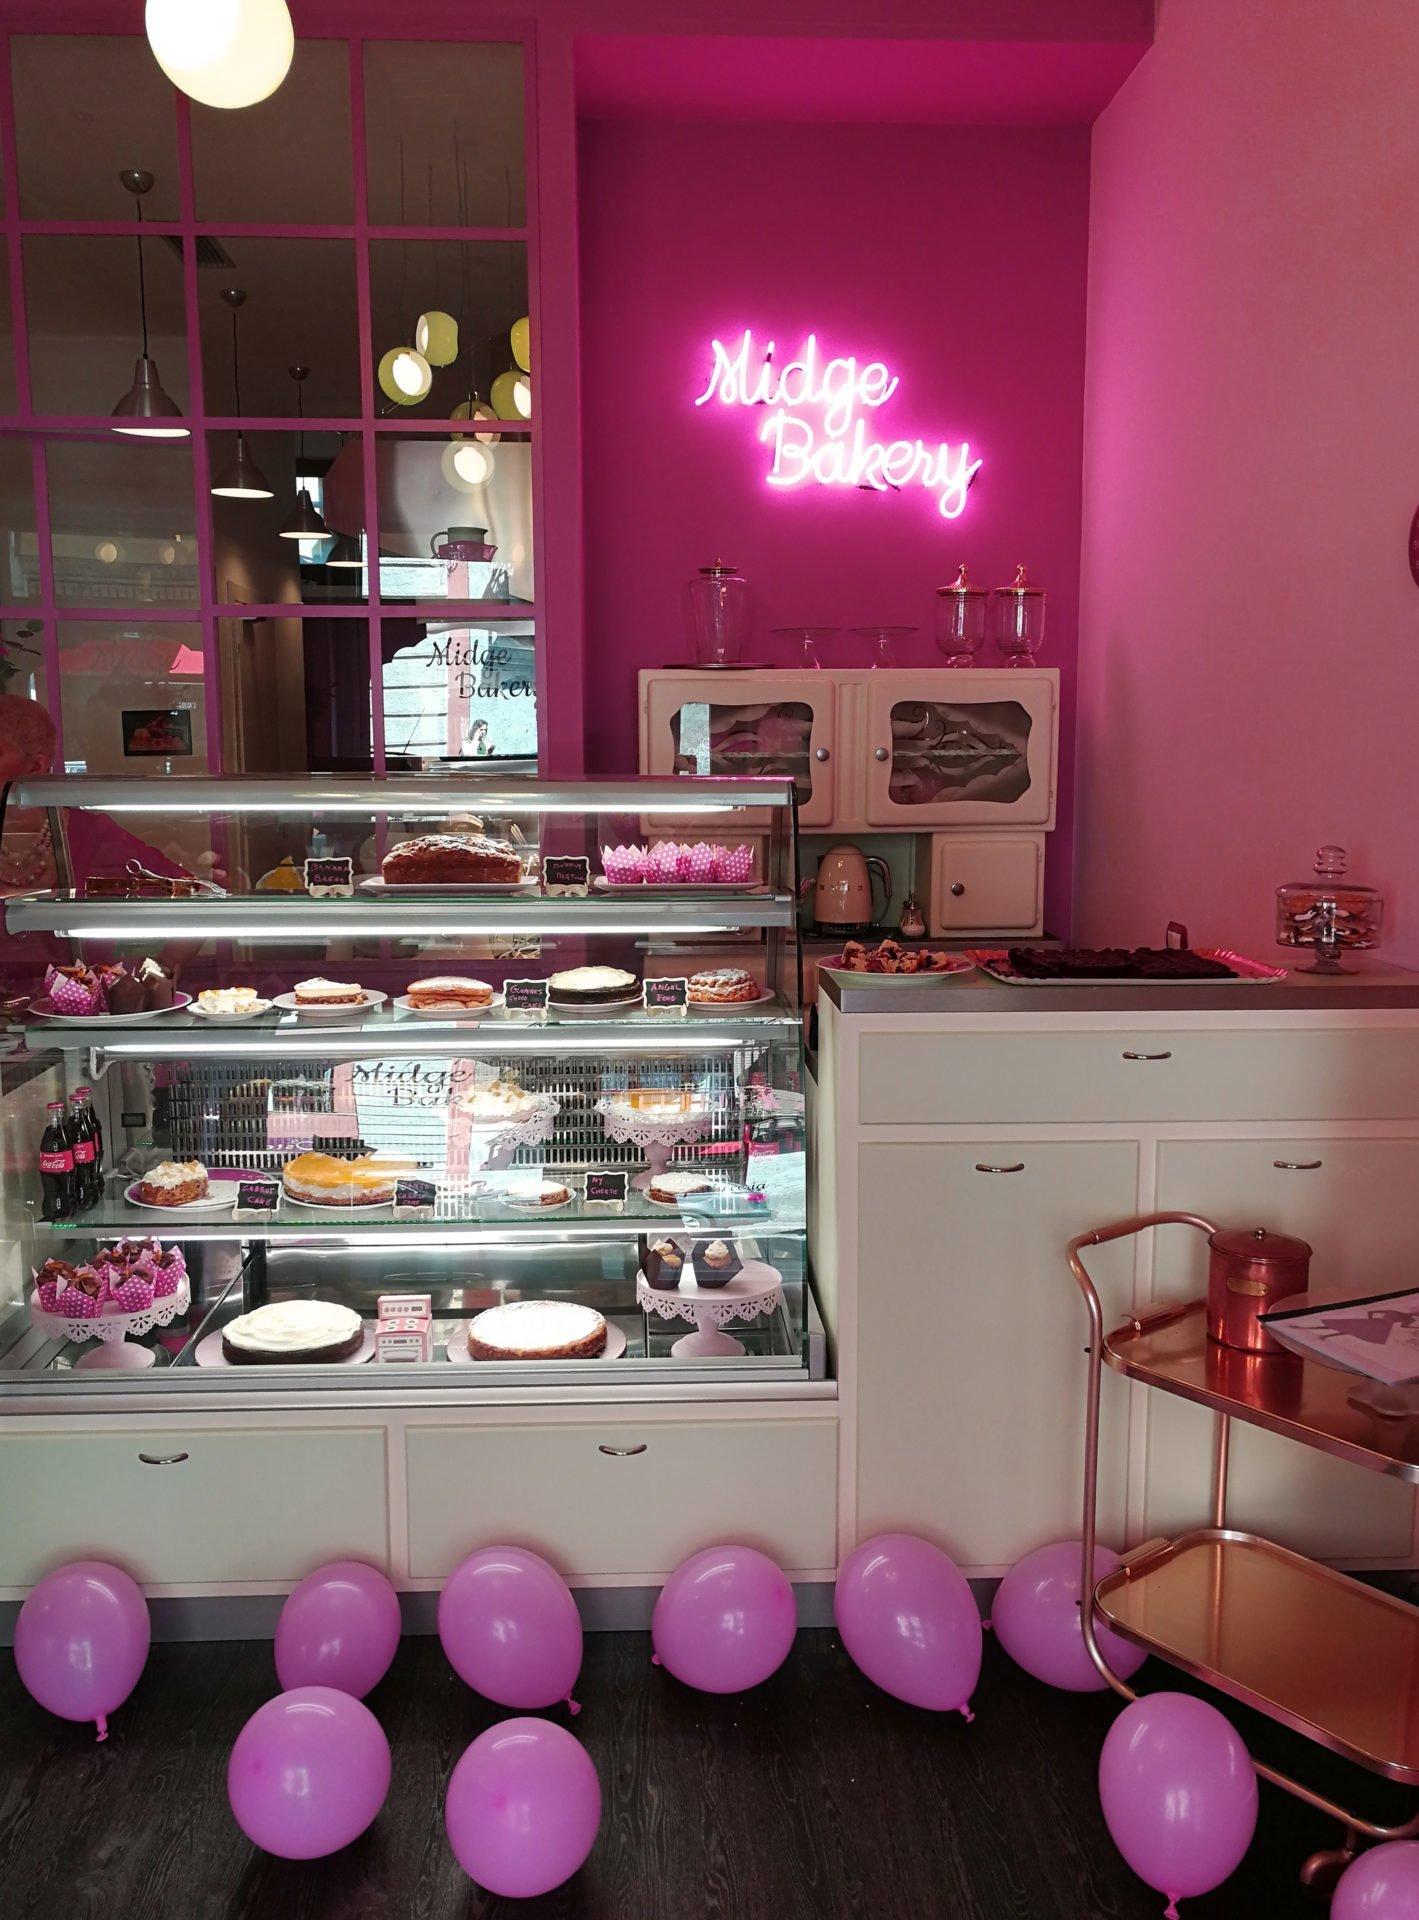 sublime food midge bakery 1 1 1419x1920 1